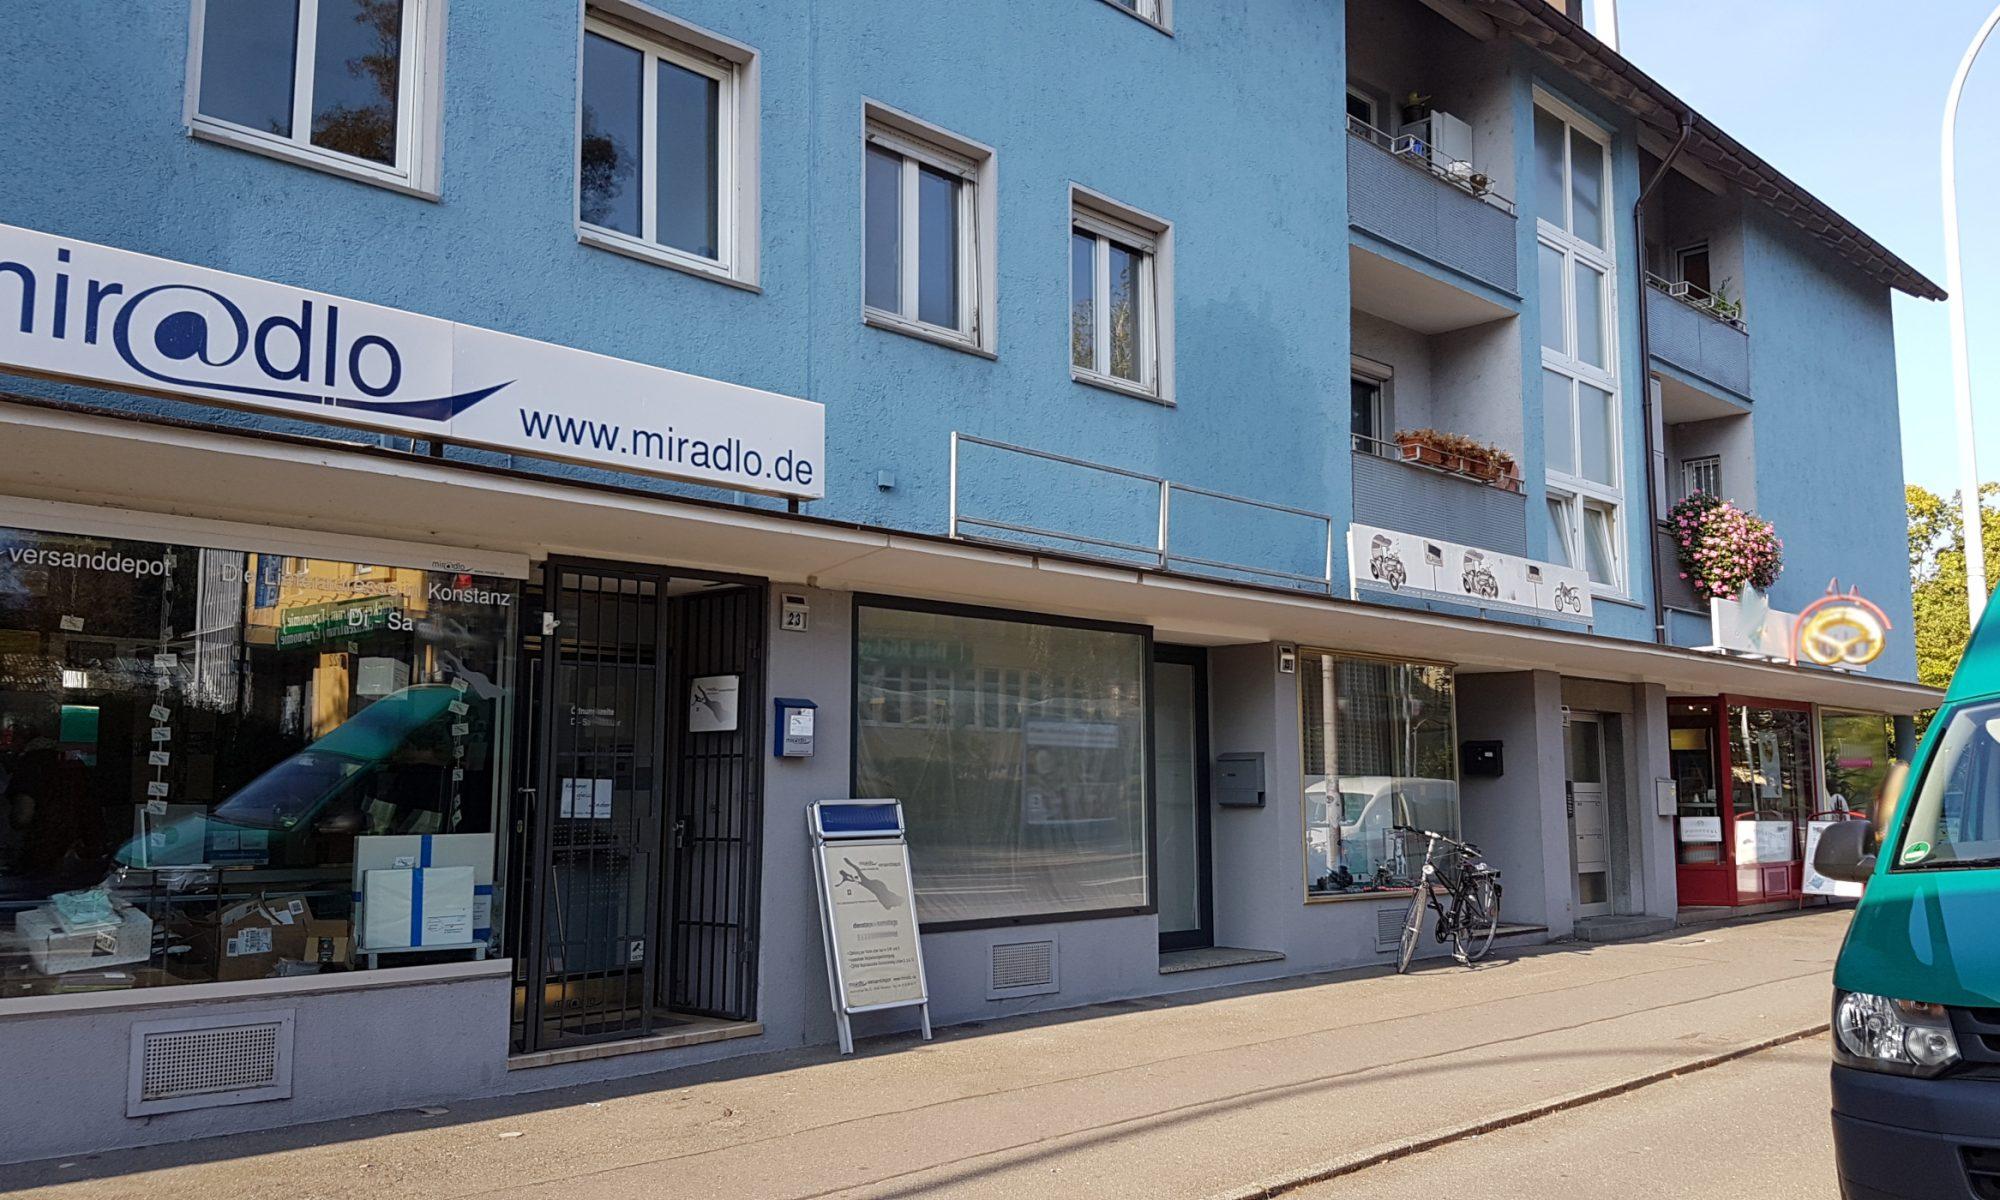 Polizei beim miradlo-Versanddepot - Symbolbild, Lieferadresse Konstanz